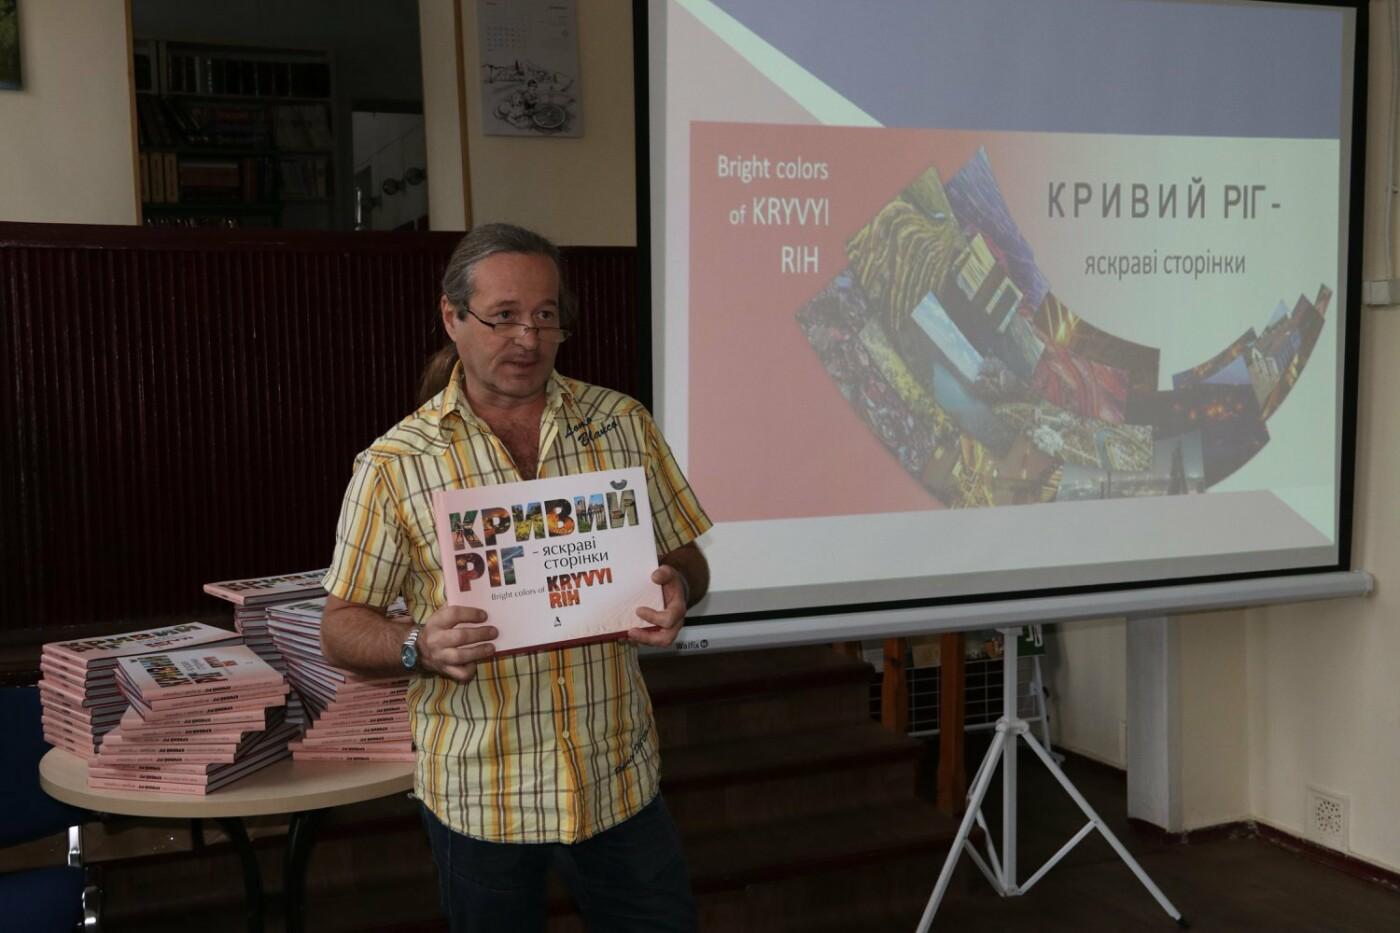 Криворожан приглашают по-новому посмотреть на родной город (ФОТО), фото-3